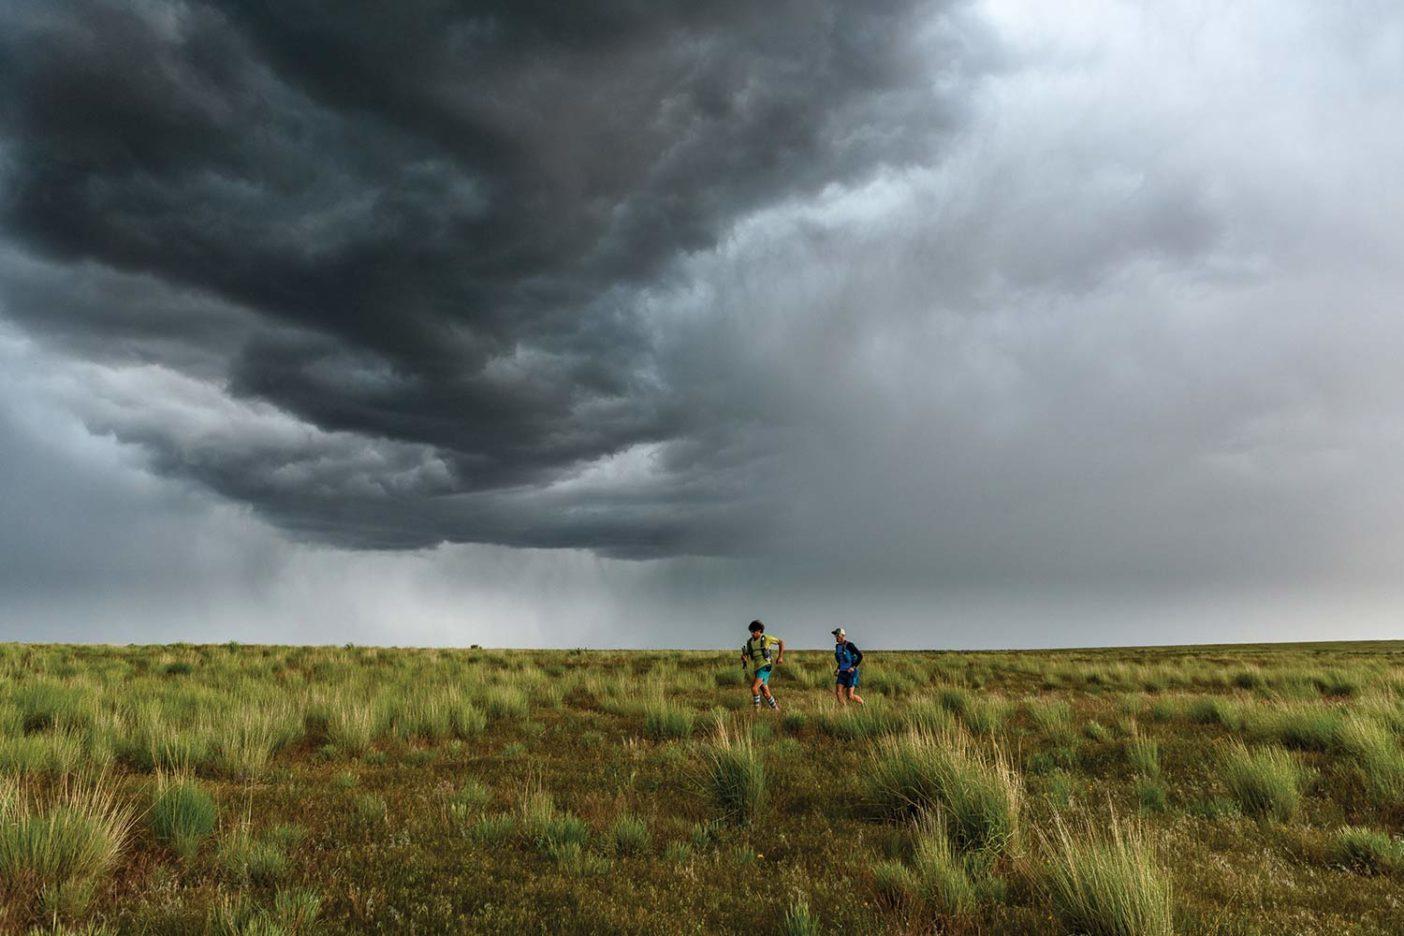 夕暮れの空に不吉な雲堤ができているのに気付いたそのあと、稲妻が走った。午後5時、アイロン・ポイントでチームと合流。空が突風と豪雨、雷と稲妻、そして雹を一斉に解き放つと、僕たちは一面に広がる壮観な景色を堪能しようと一息ついた。Photo: Fredrik Marmsater